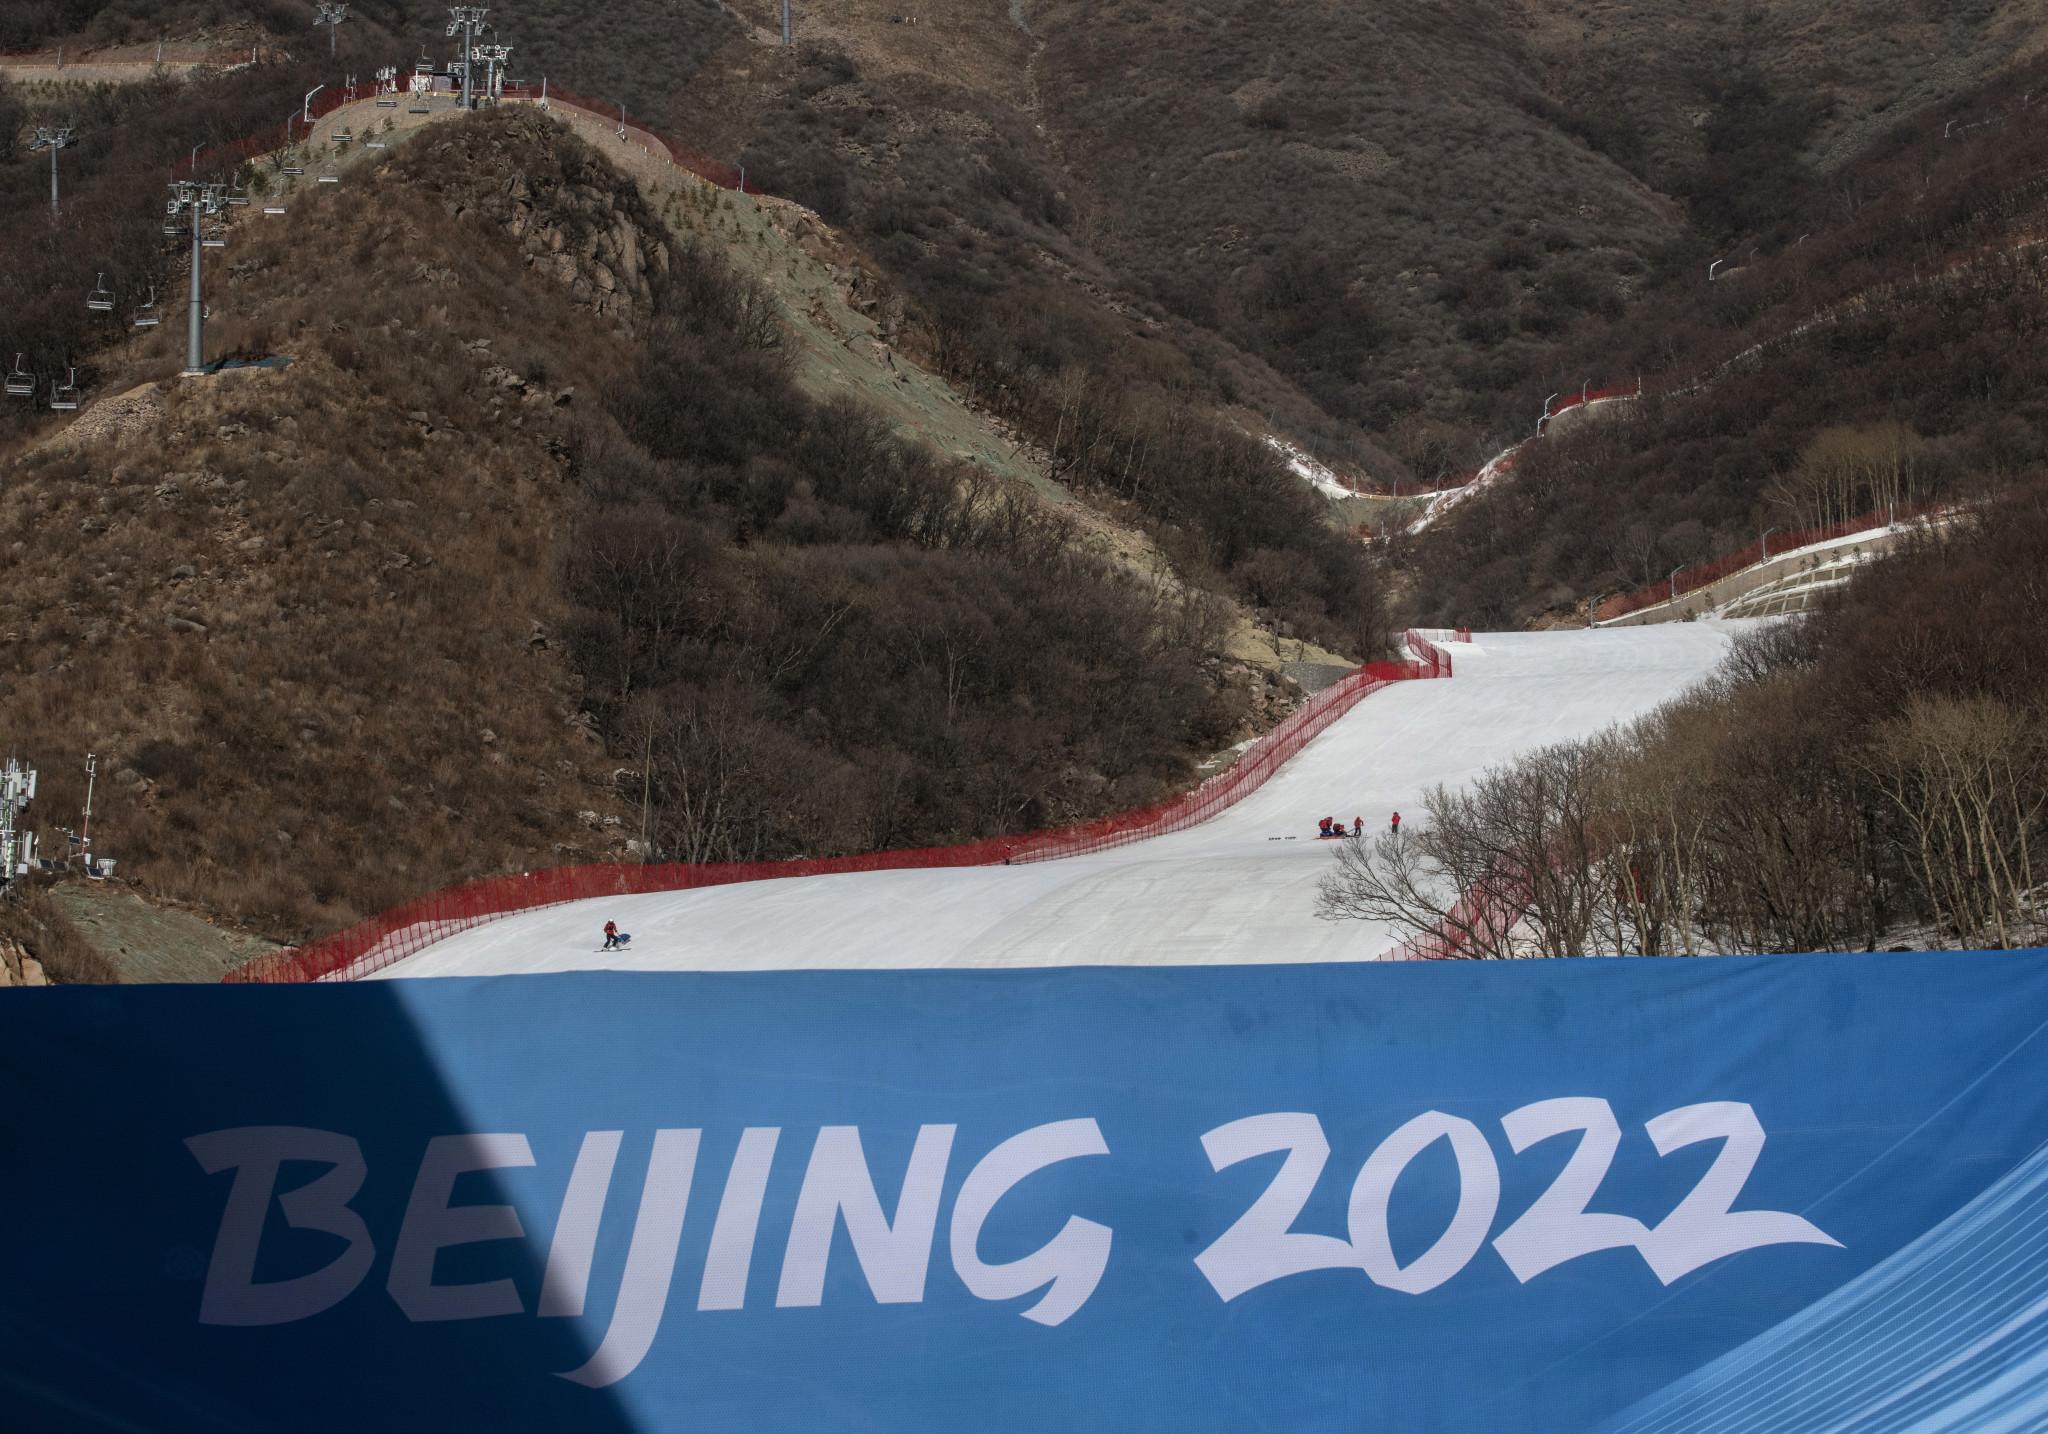 Beijing 2022 congratulates new Tokyo 2020 President Hashimoto